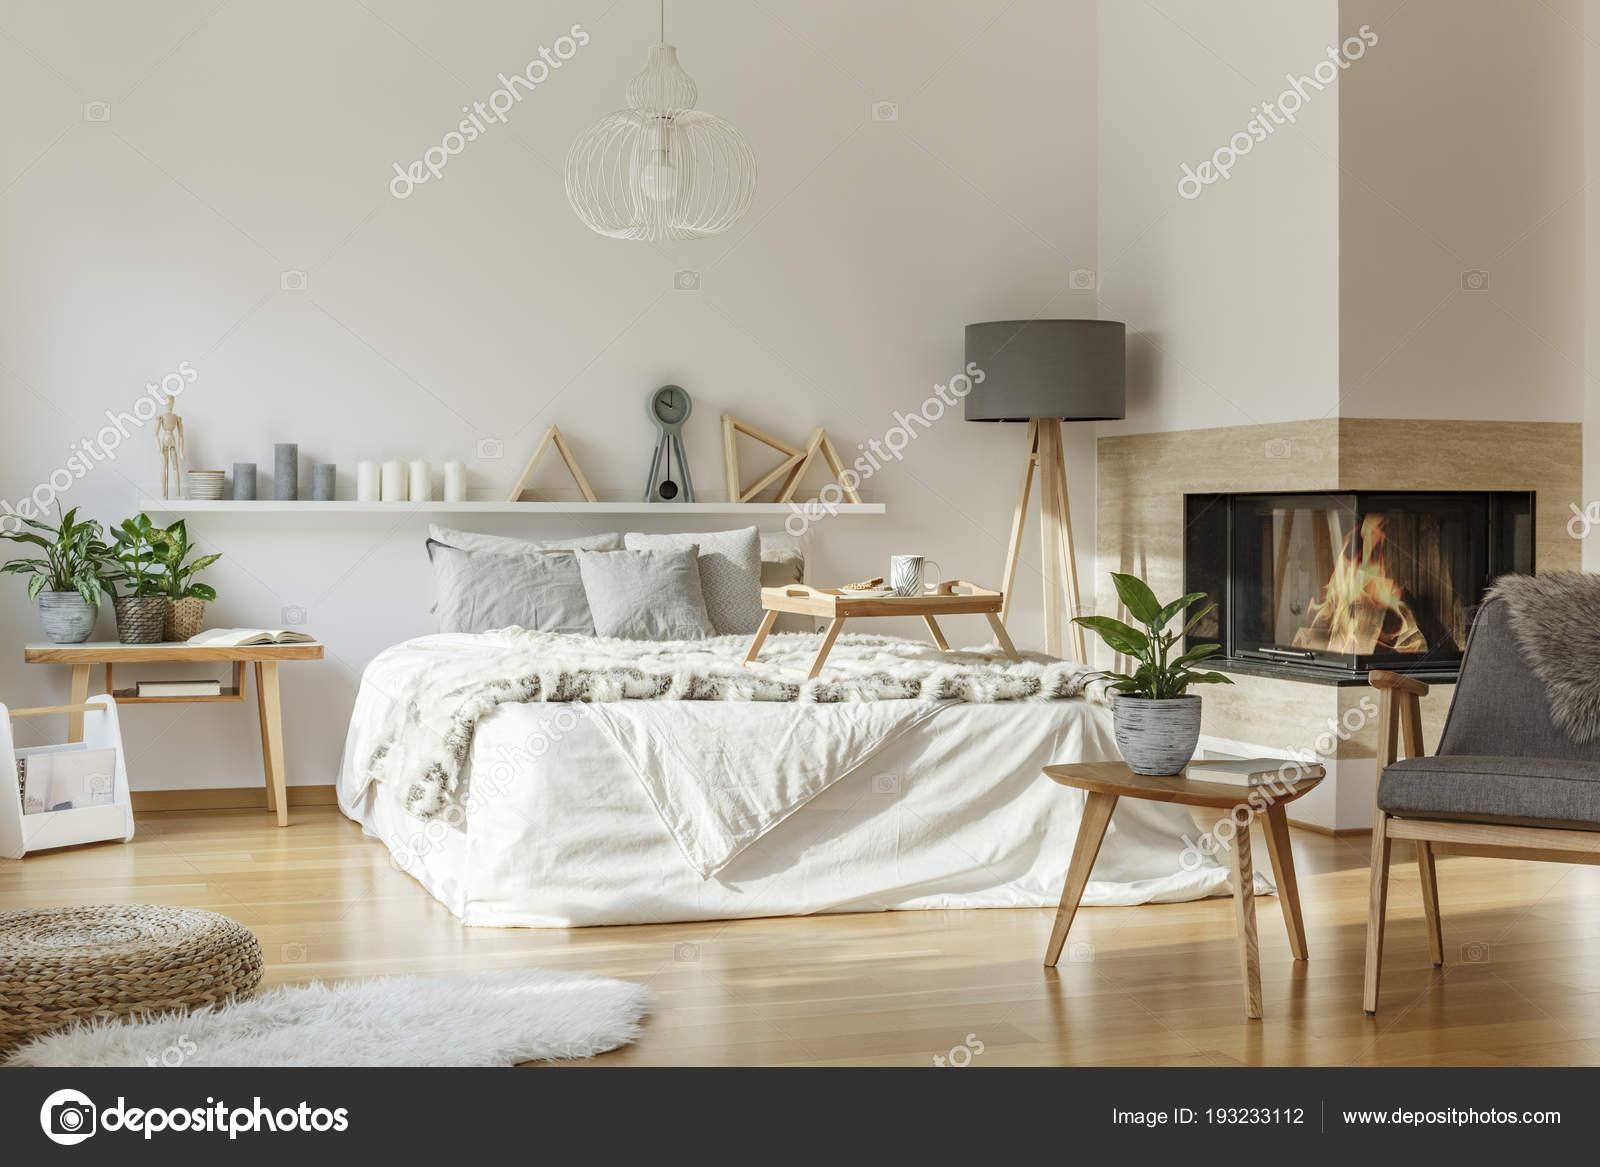 Gemutliches Schlafzimmer Interieur Mit Kamin Kingsize Bett Teppich